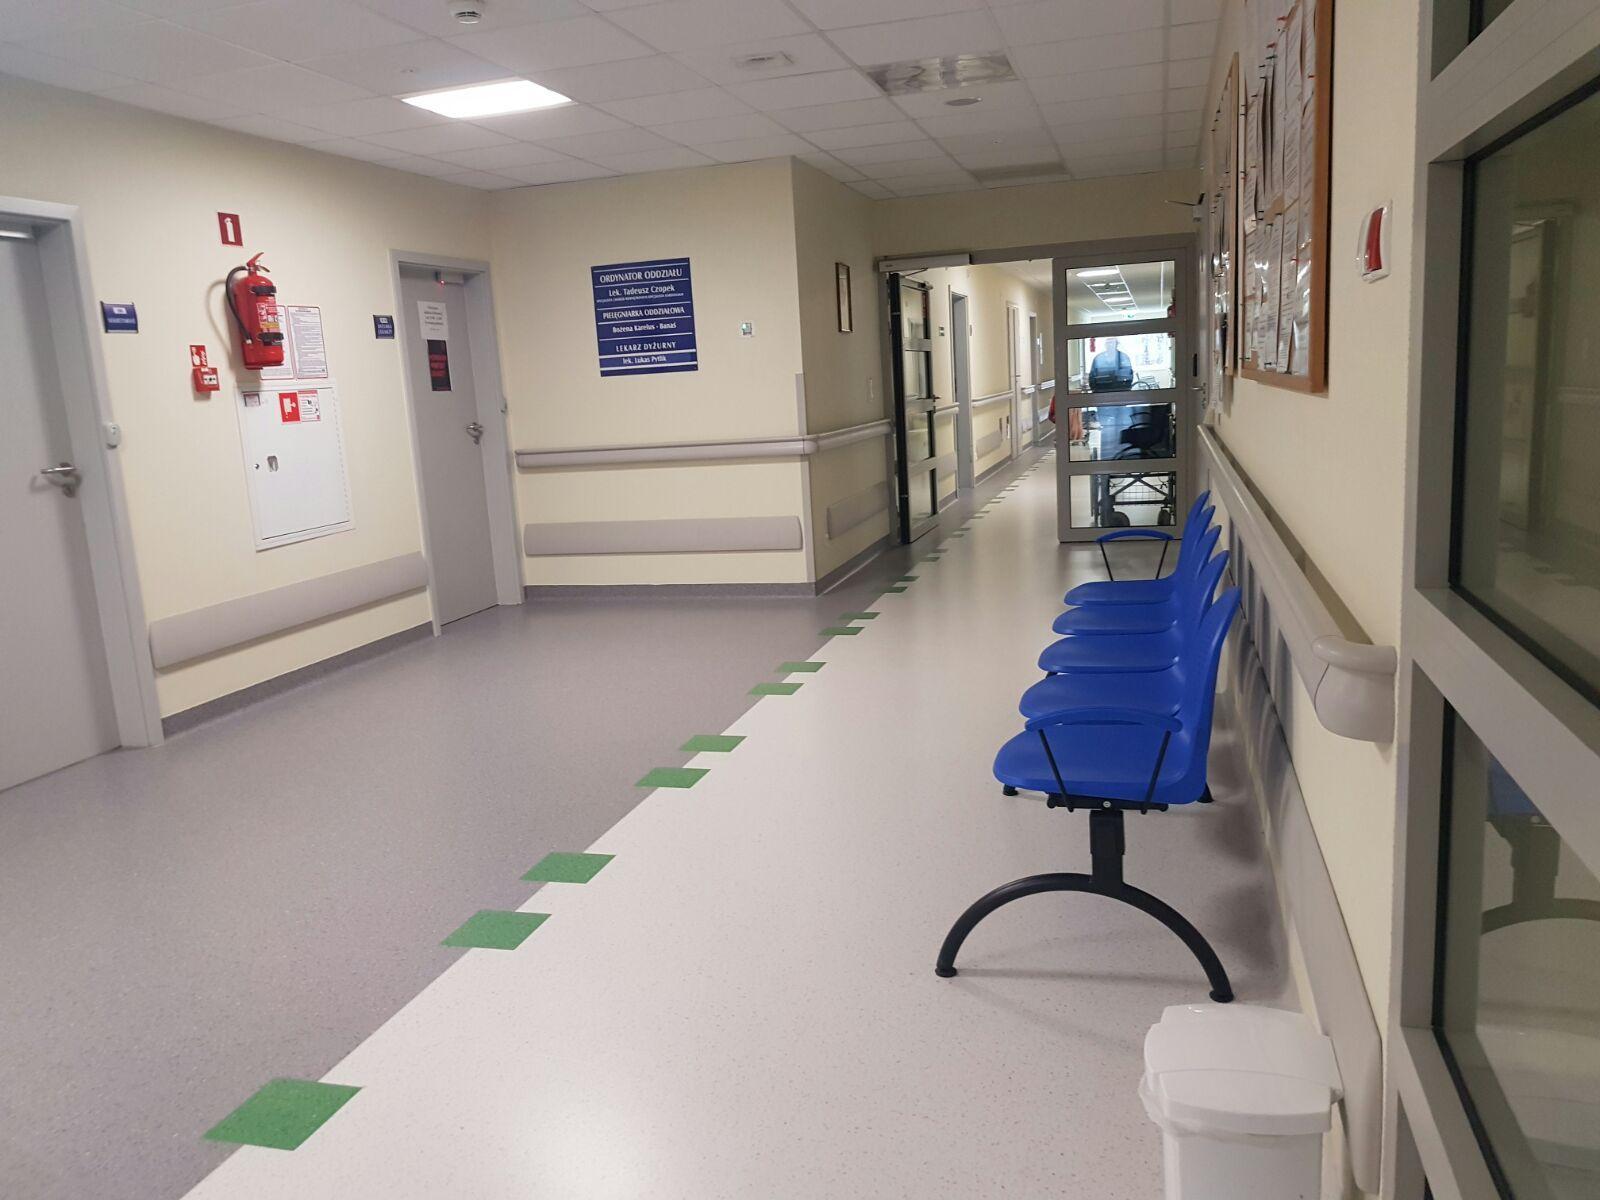 Podwyżki dla pracowników szpitala